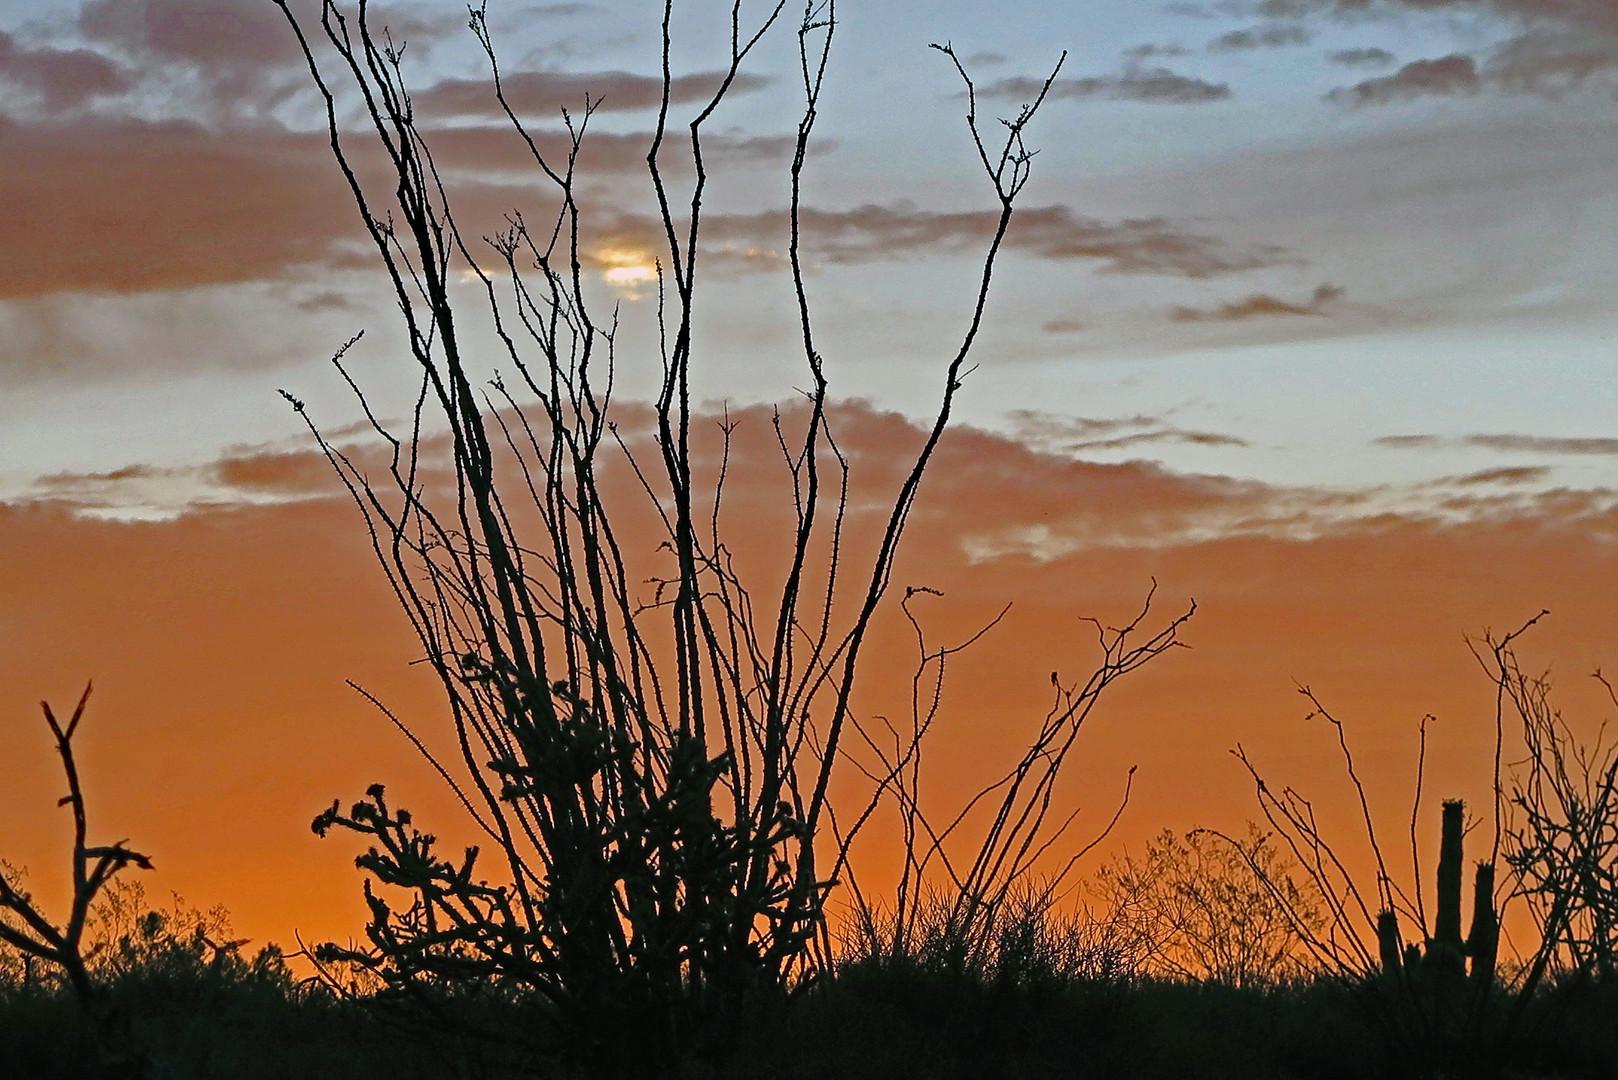 A Desert Morning